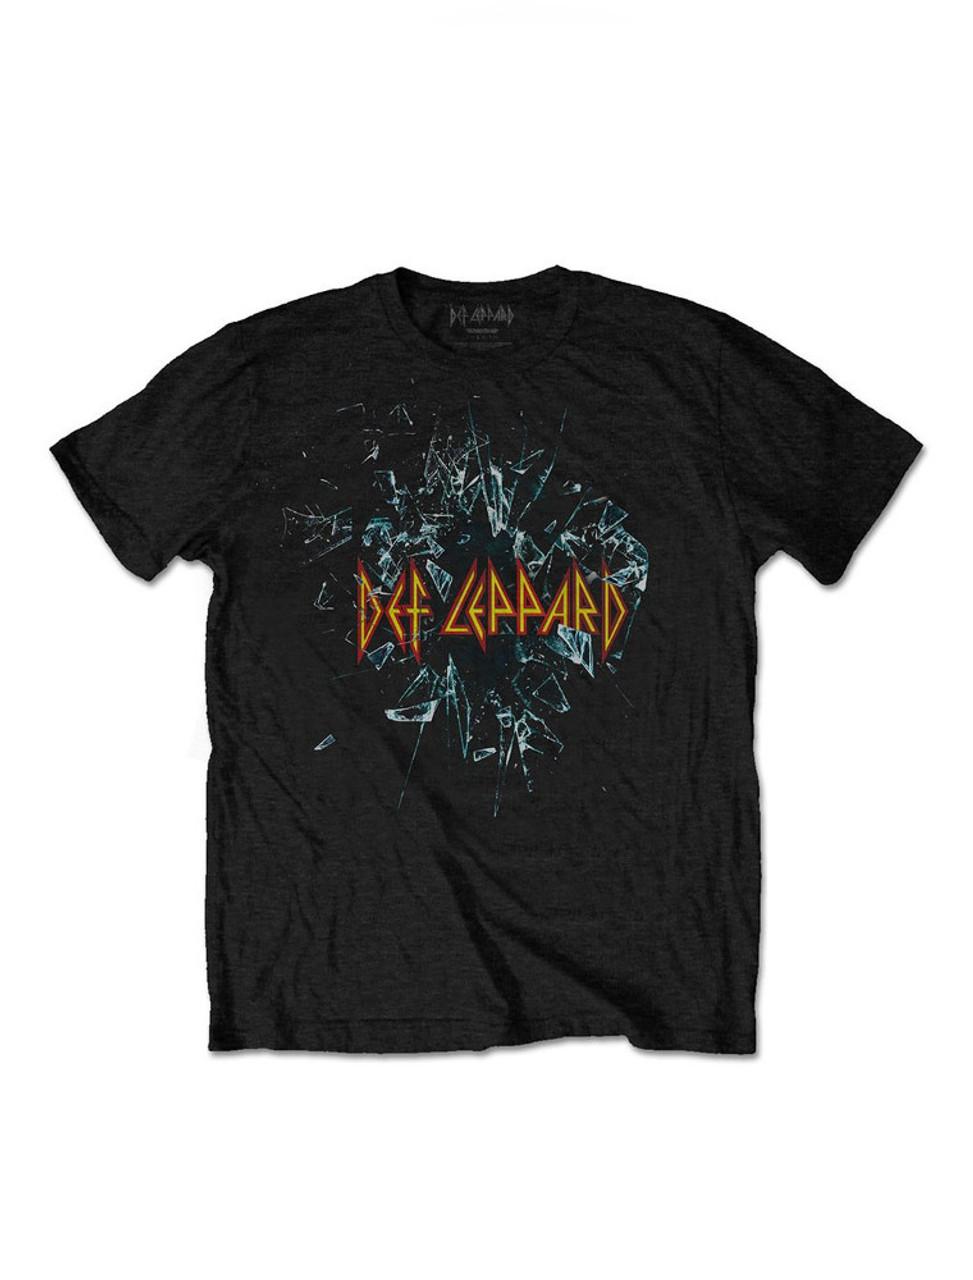 6911d6afe271 Def Leppard Shatter T-Shirt - Suicide Glam Australia